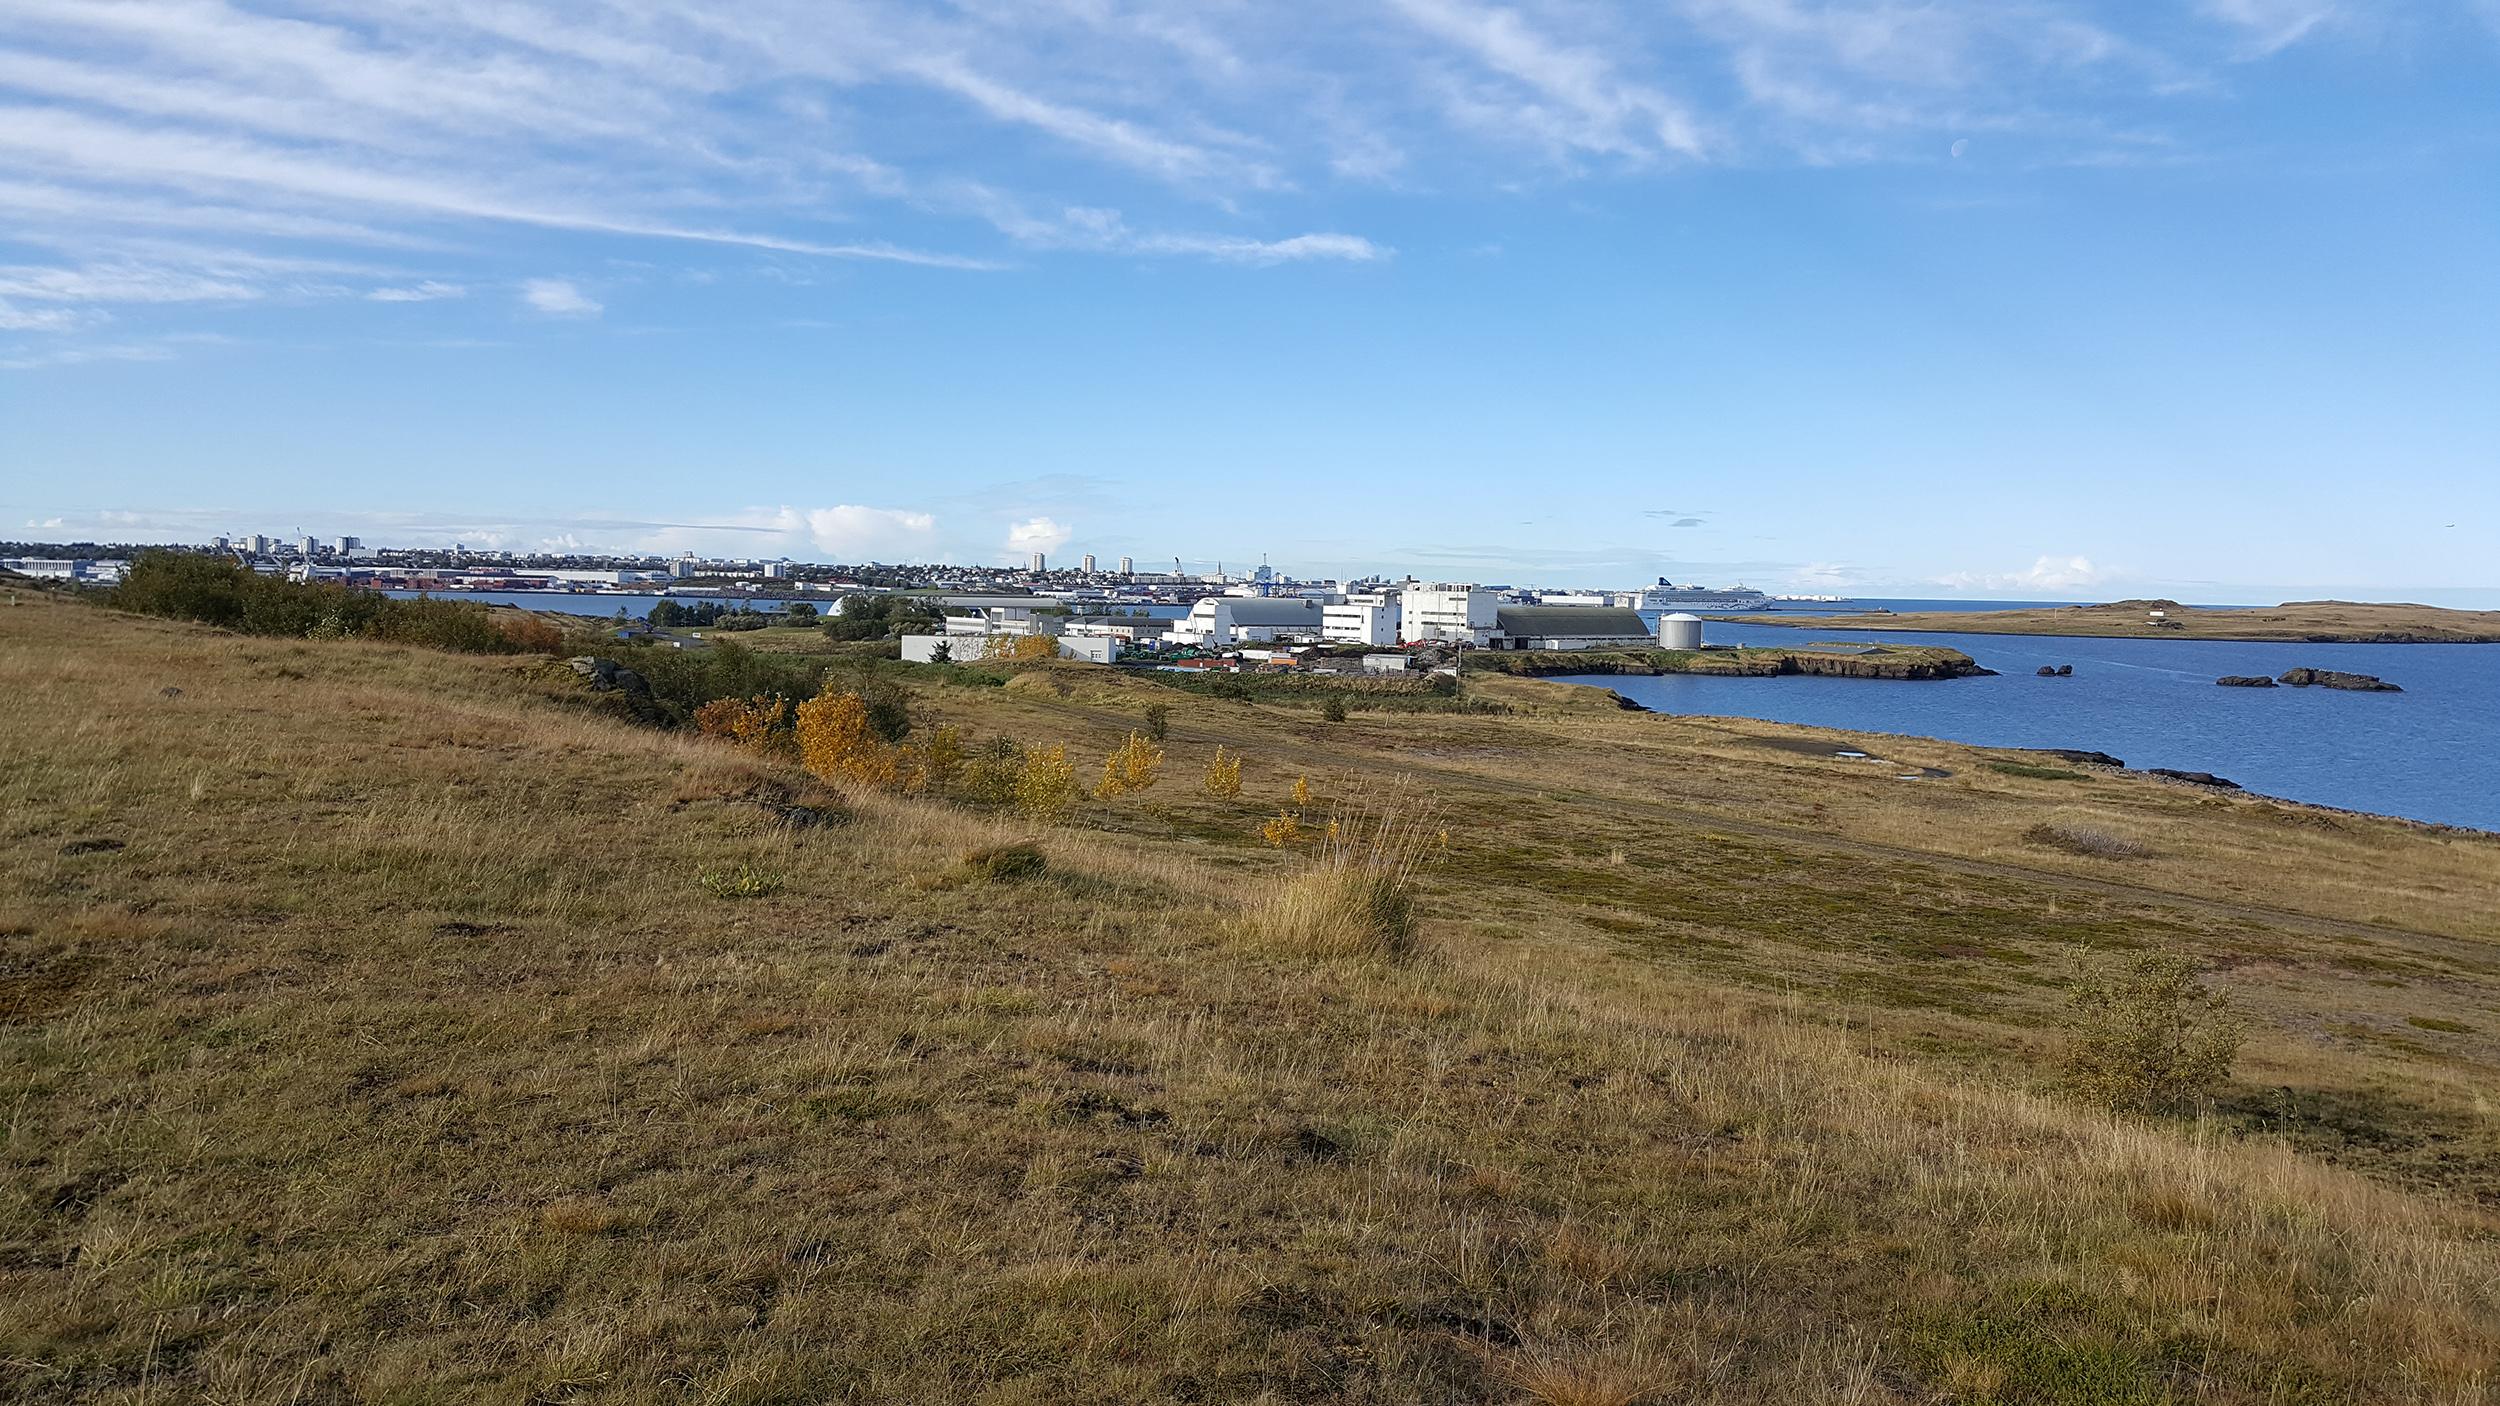 Tender vrijhaven Reykjavik naar team Felixx - jvantspijker